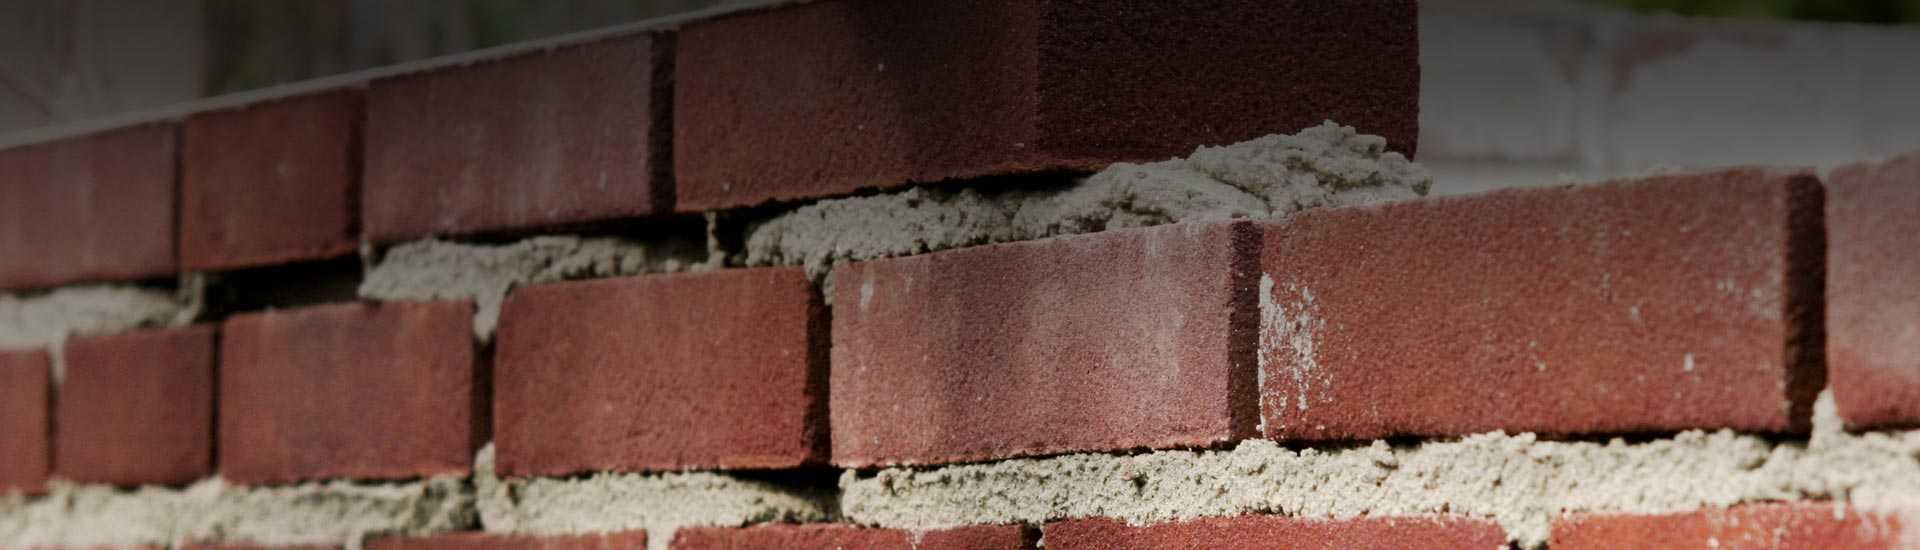 brickworks-Evanston